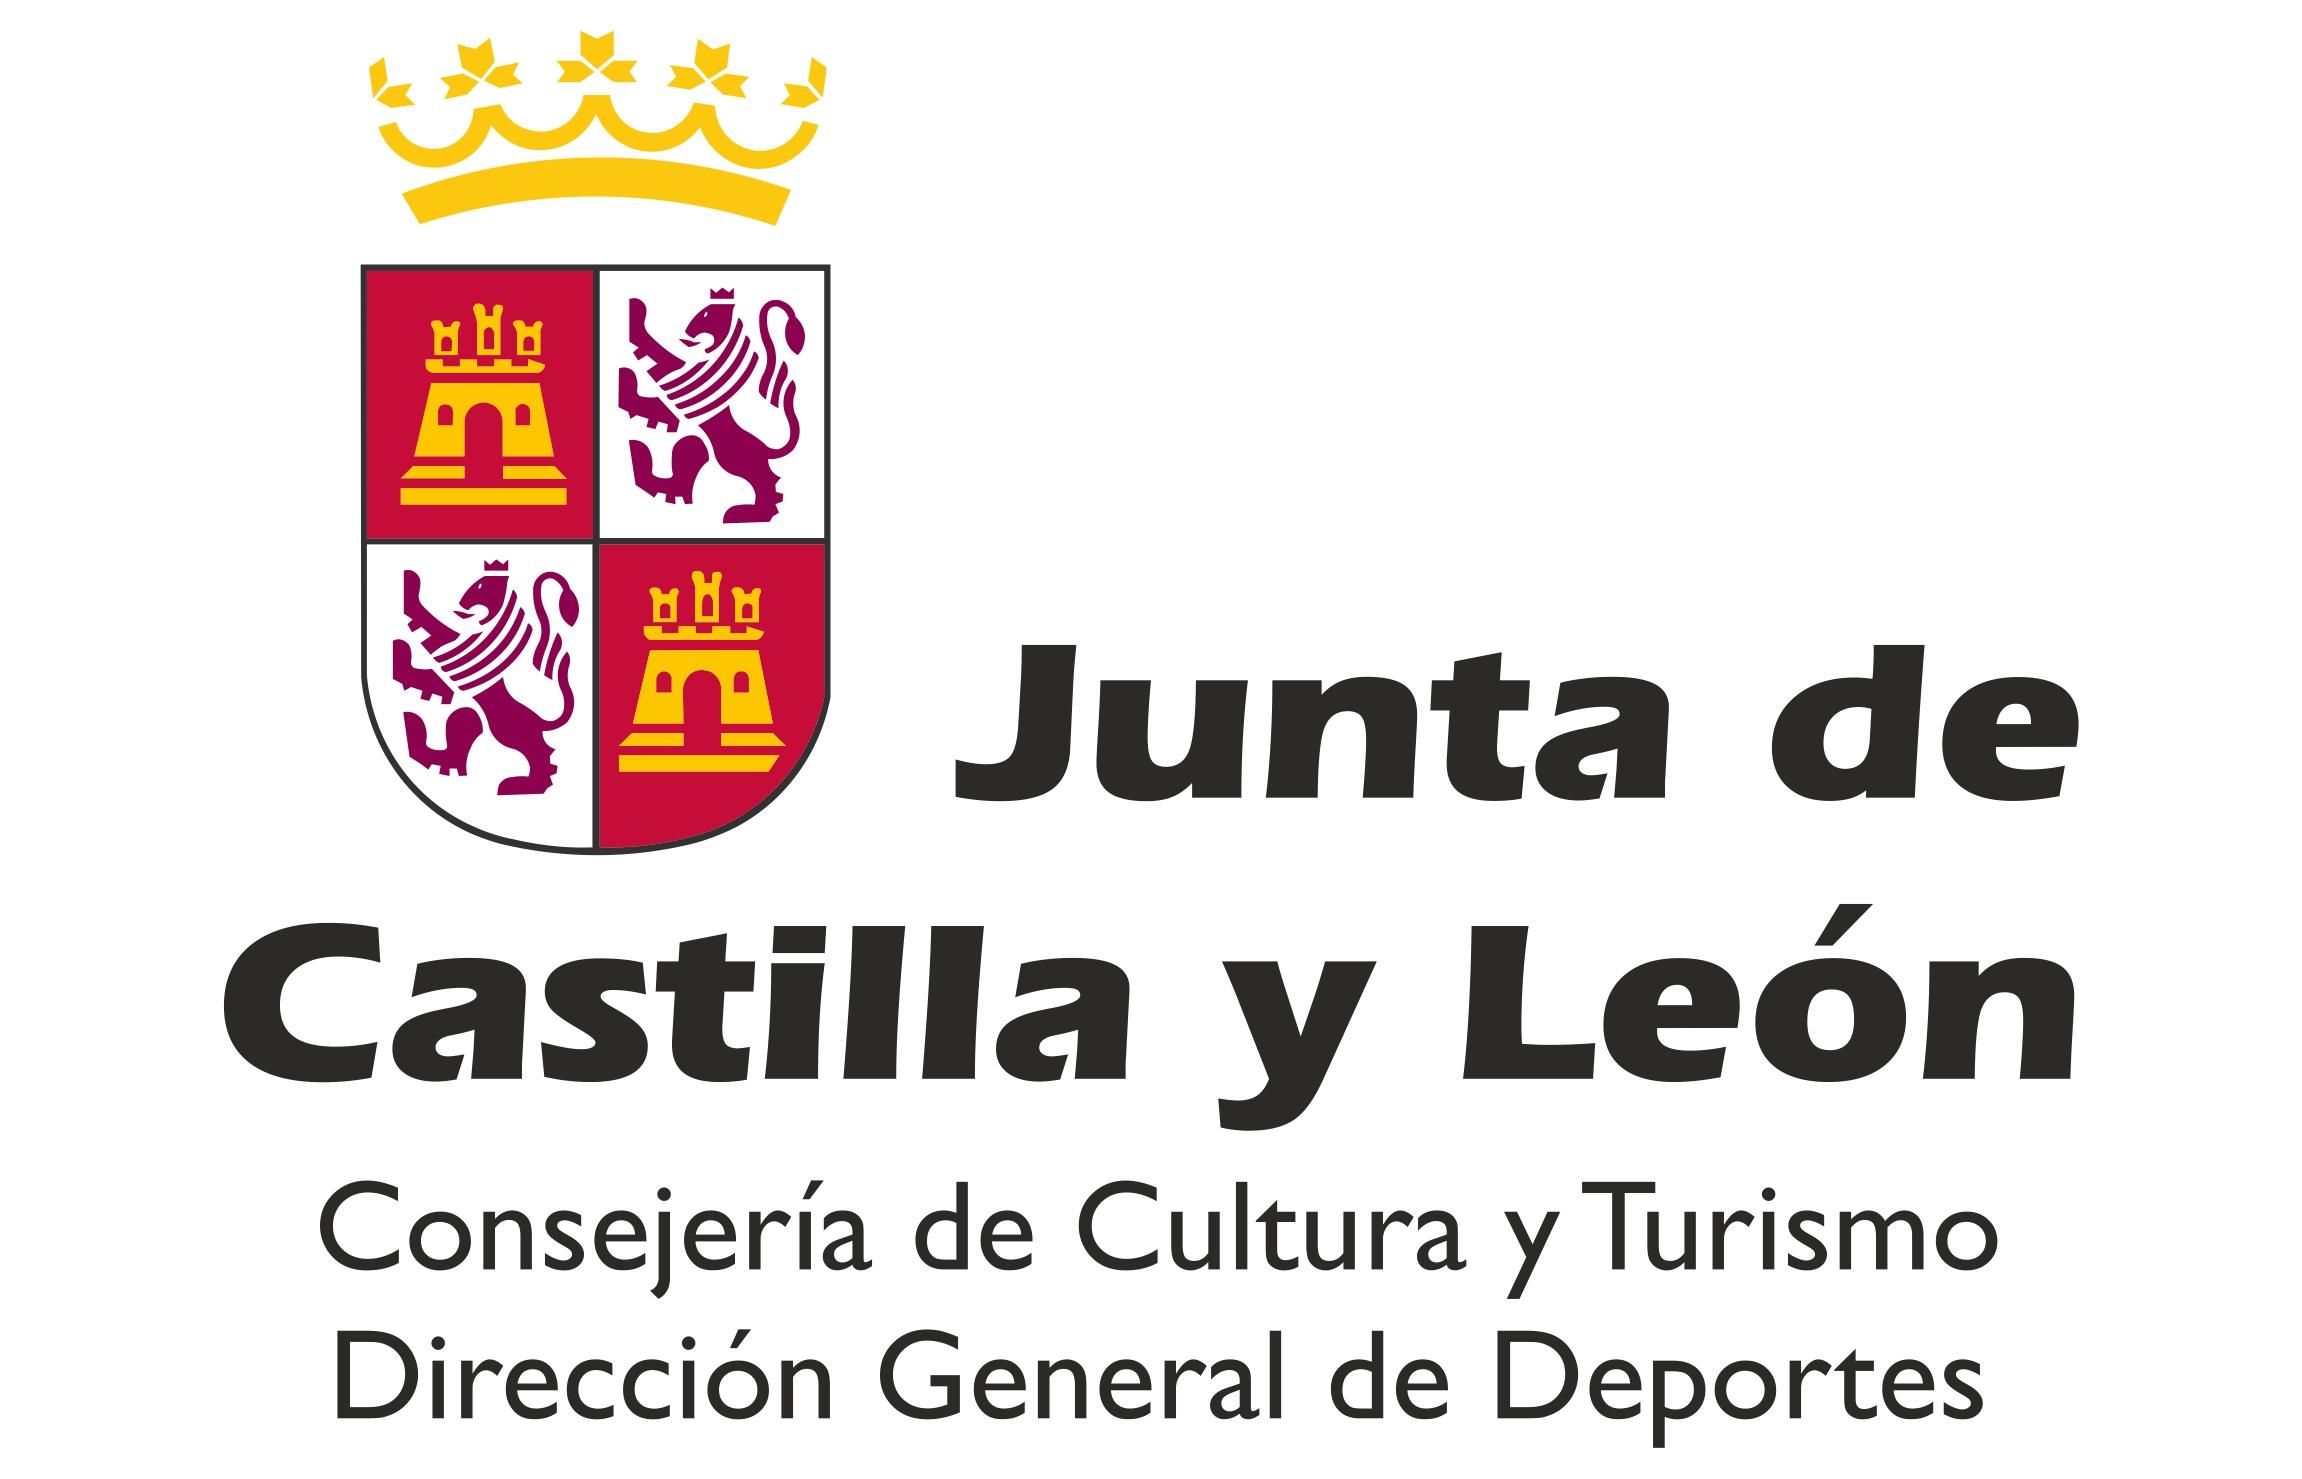 Junta Castila y León D.G. de Deportes